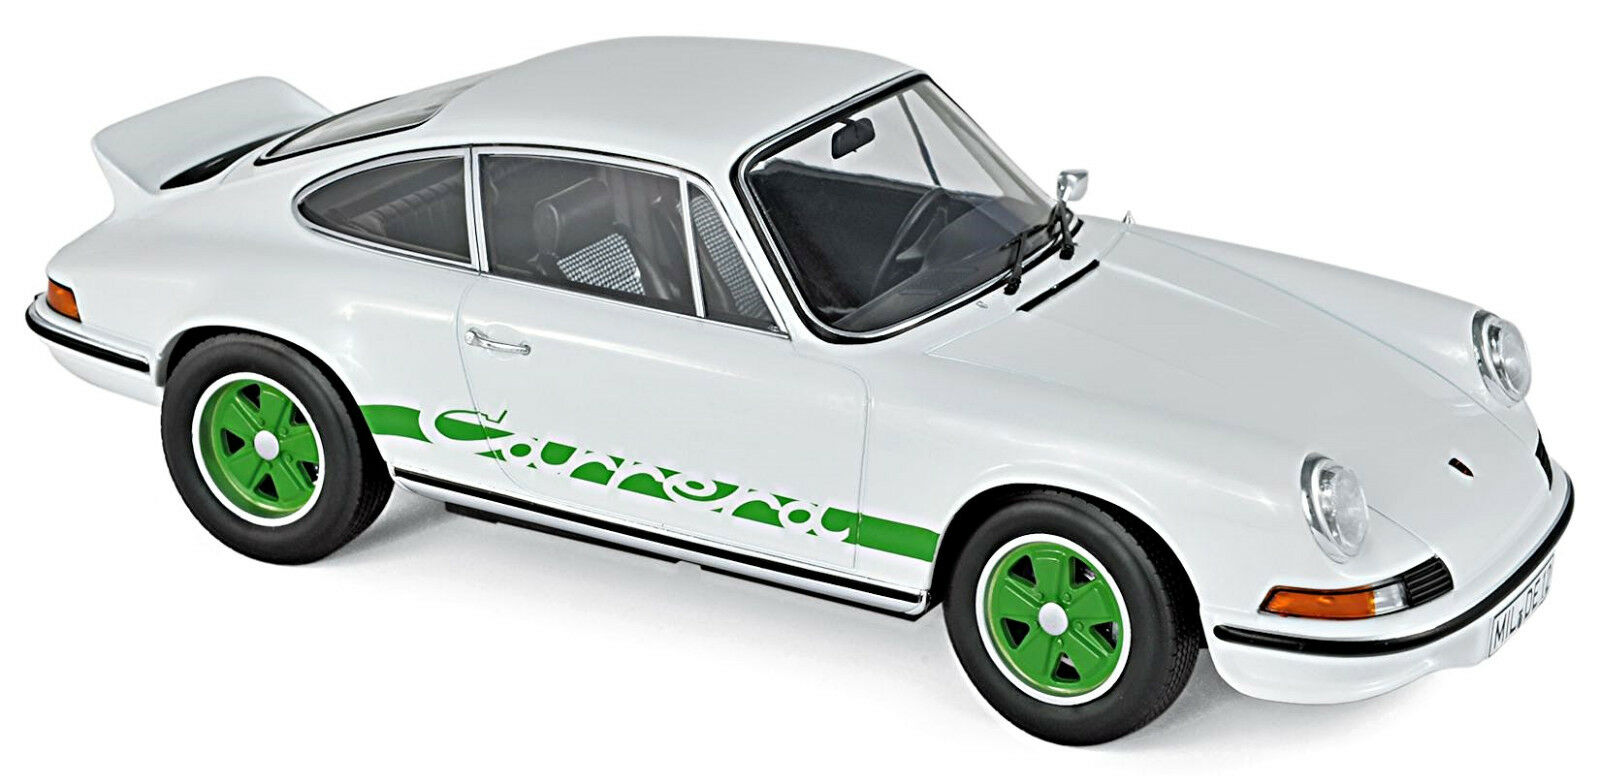 Porsche 911 911 911 Carrera RS 2.7 Coupe 1973 weiß grün Weiß Grün 1 18 Norev  | Offizielle Webseite  6b264c